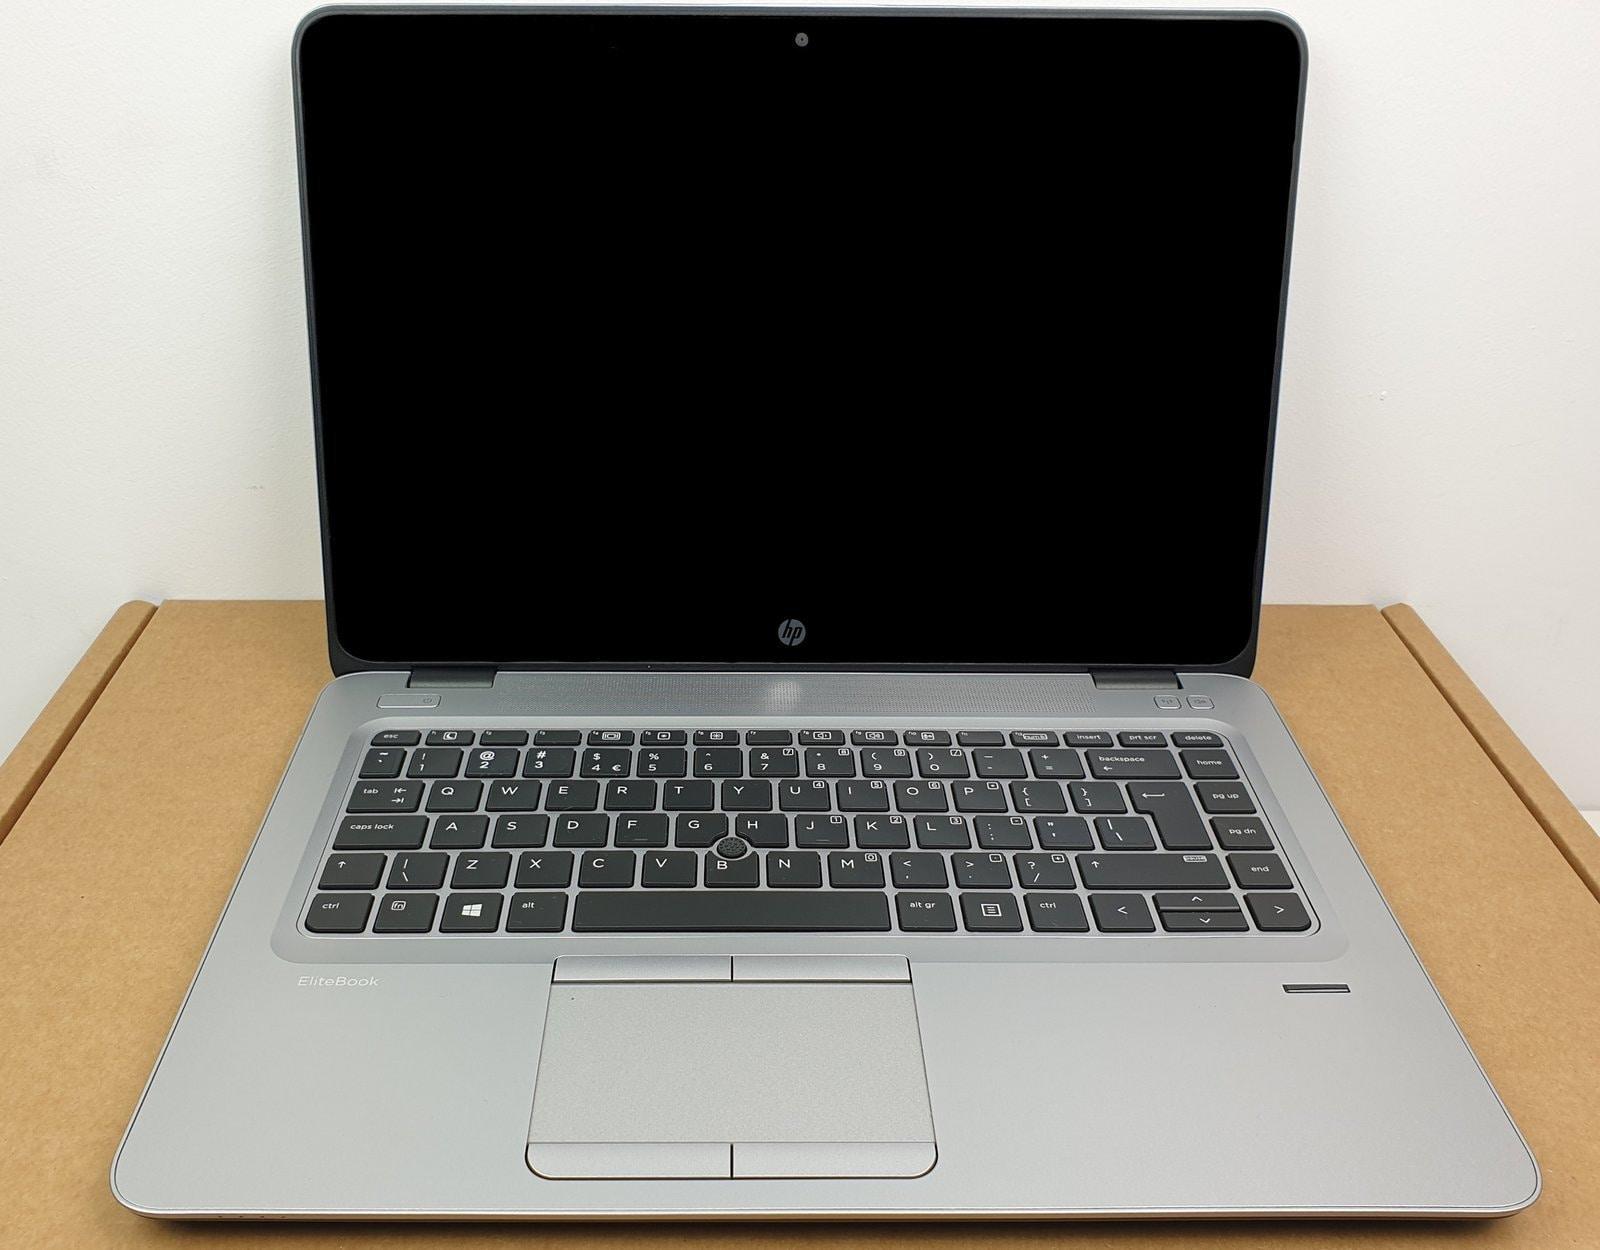 Laptop HP EliteBook 840 G3 i7 - 6 generacji / 8 GB / 480 GB SSD / 14 FullHD DOTYK / Klasa A- - 2